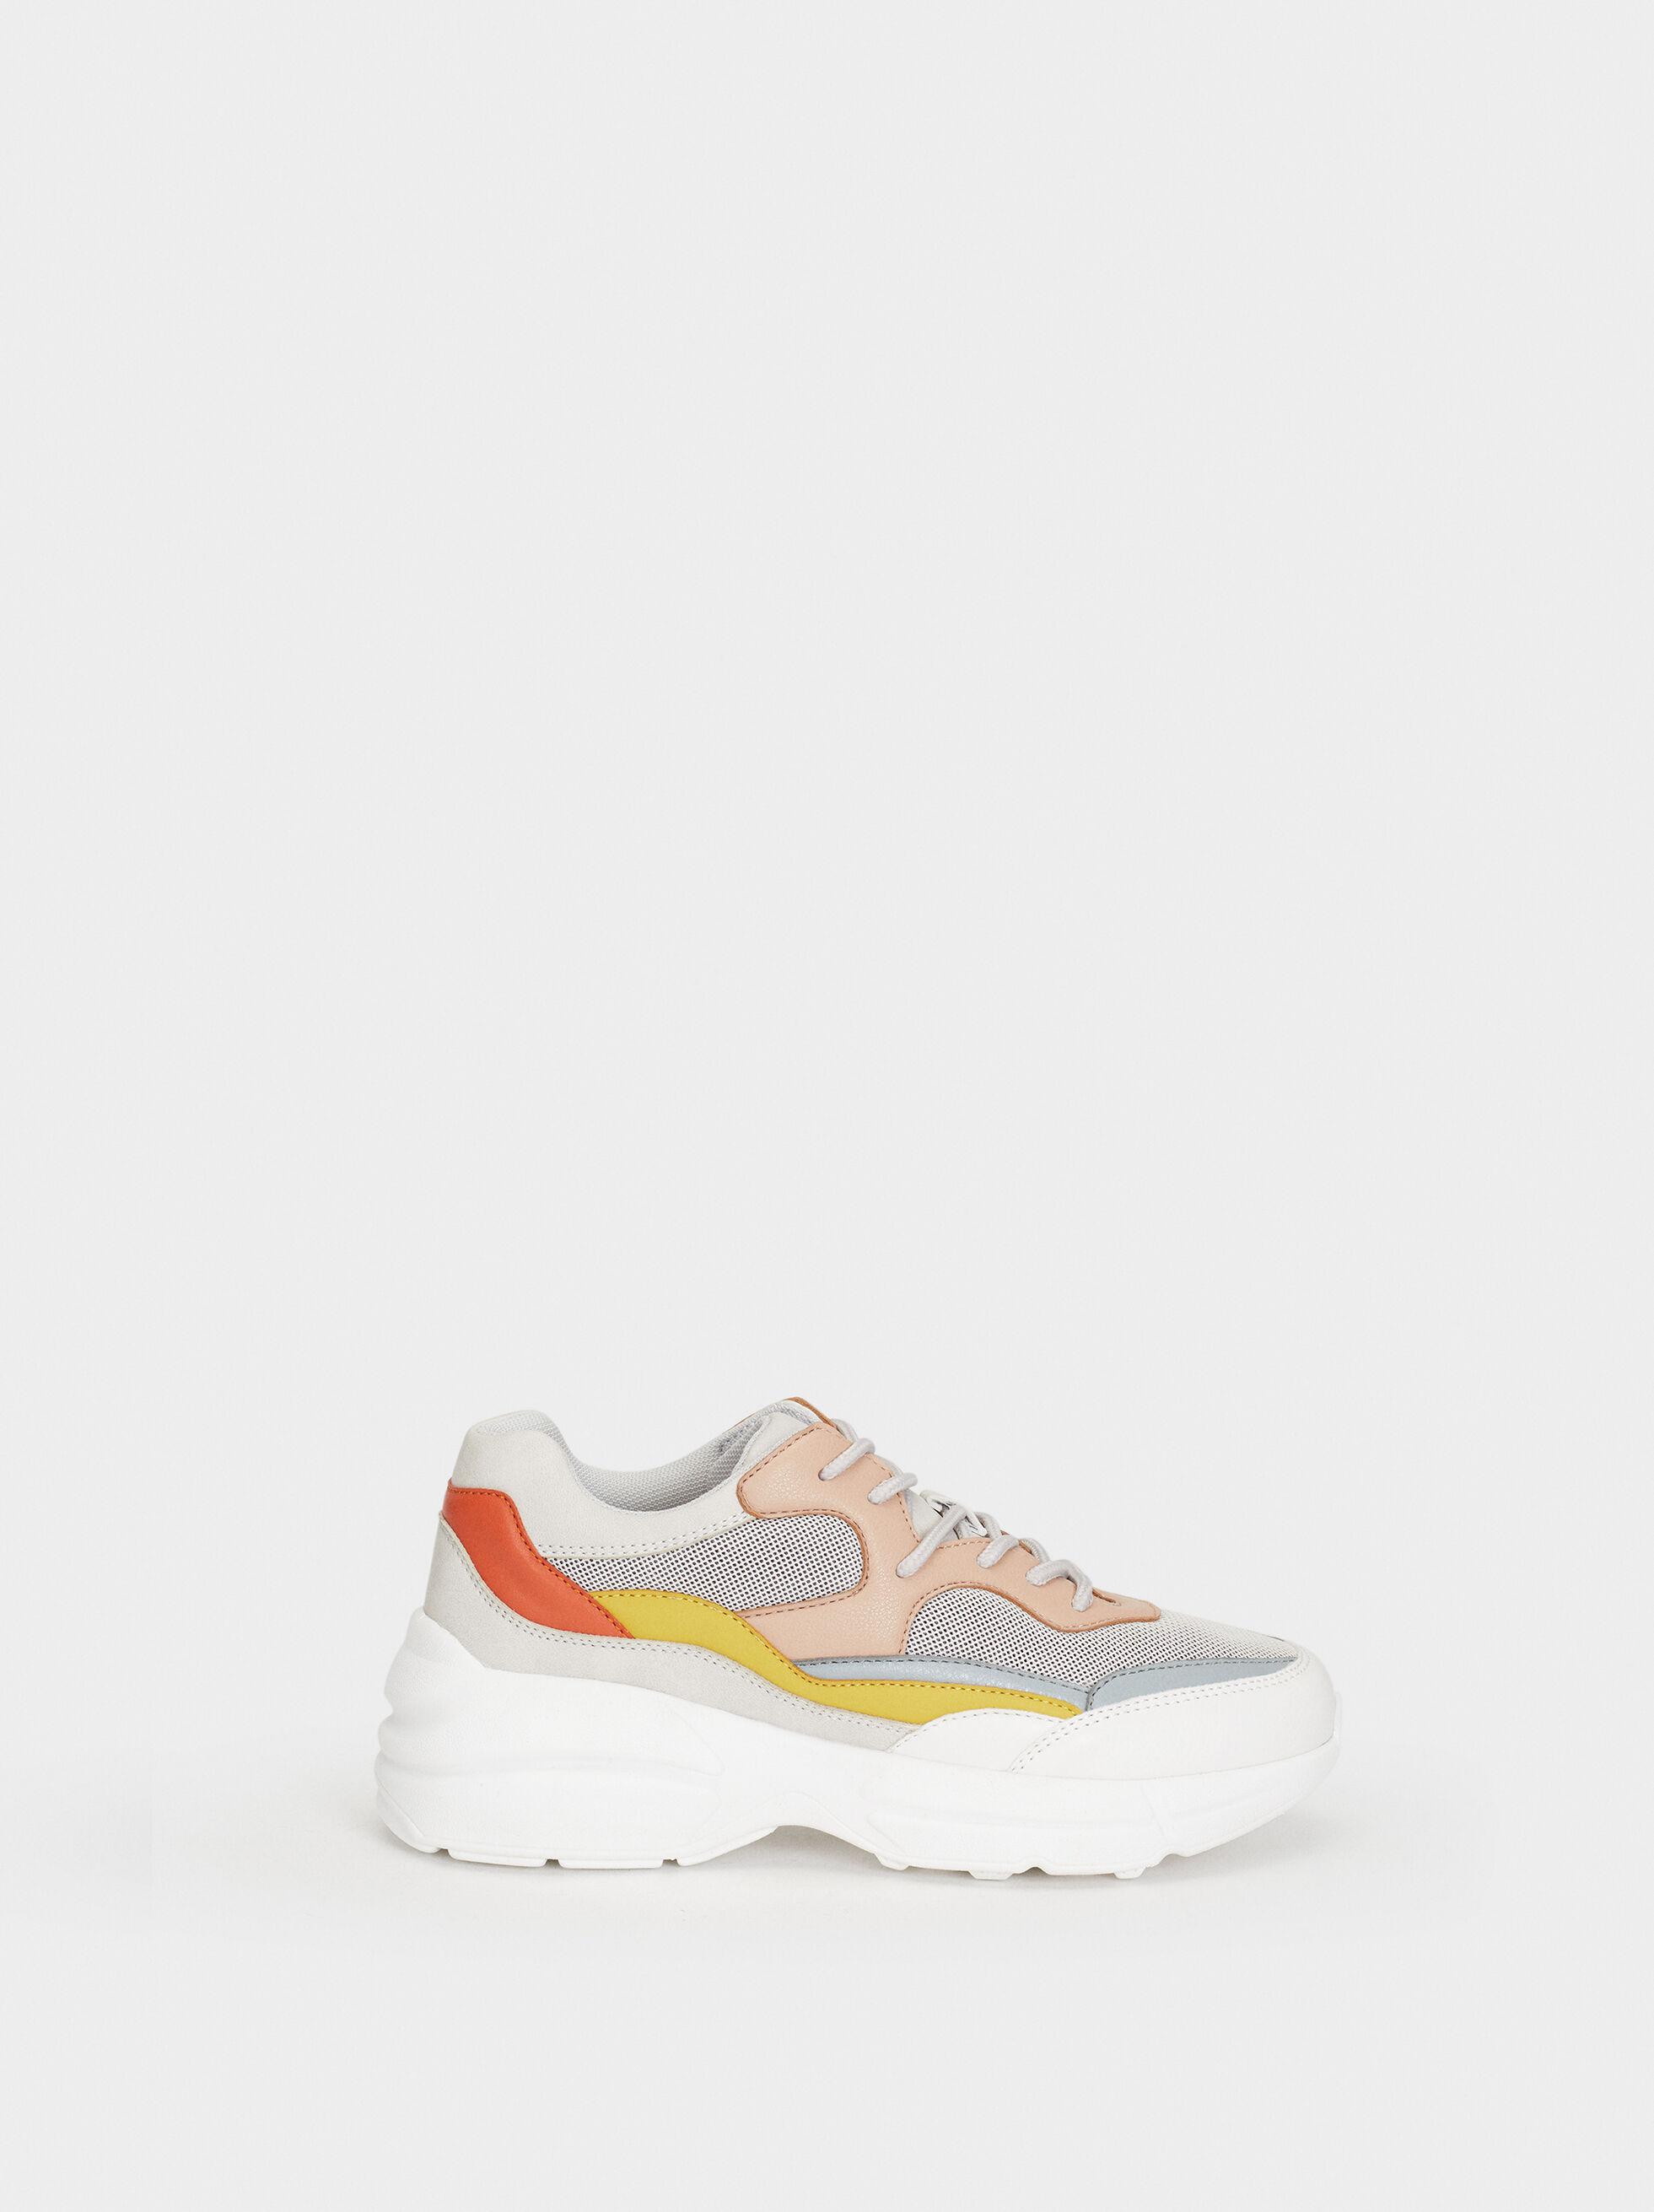 Günstig Parfois Schwarz Sneaker Low Damen Verkauf